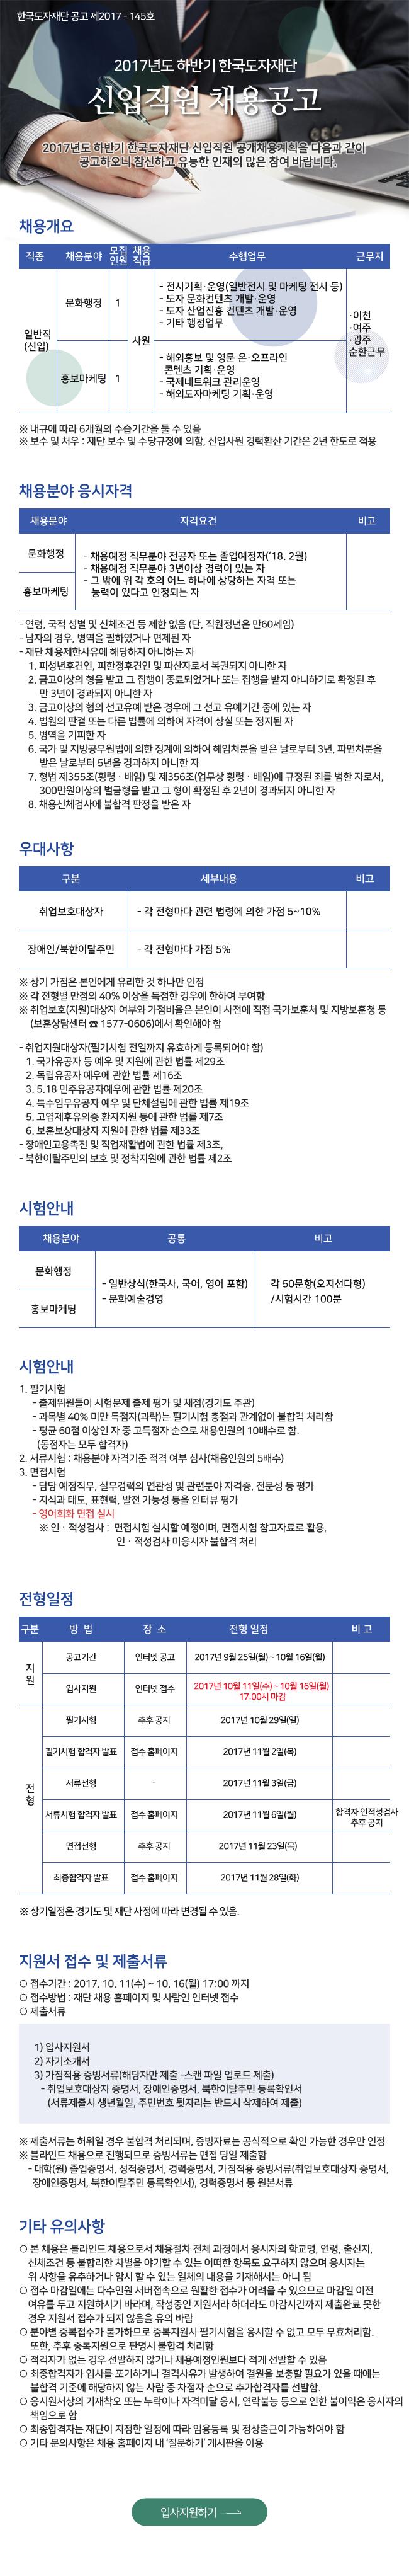 2017년도 하반기 한국도자재단 신입직원 채용공고